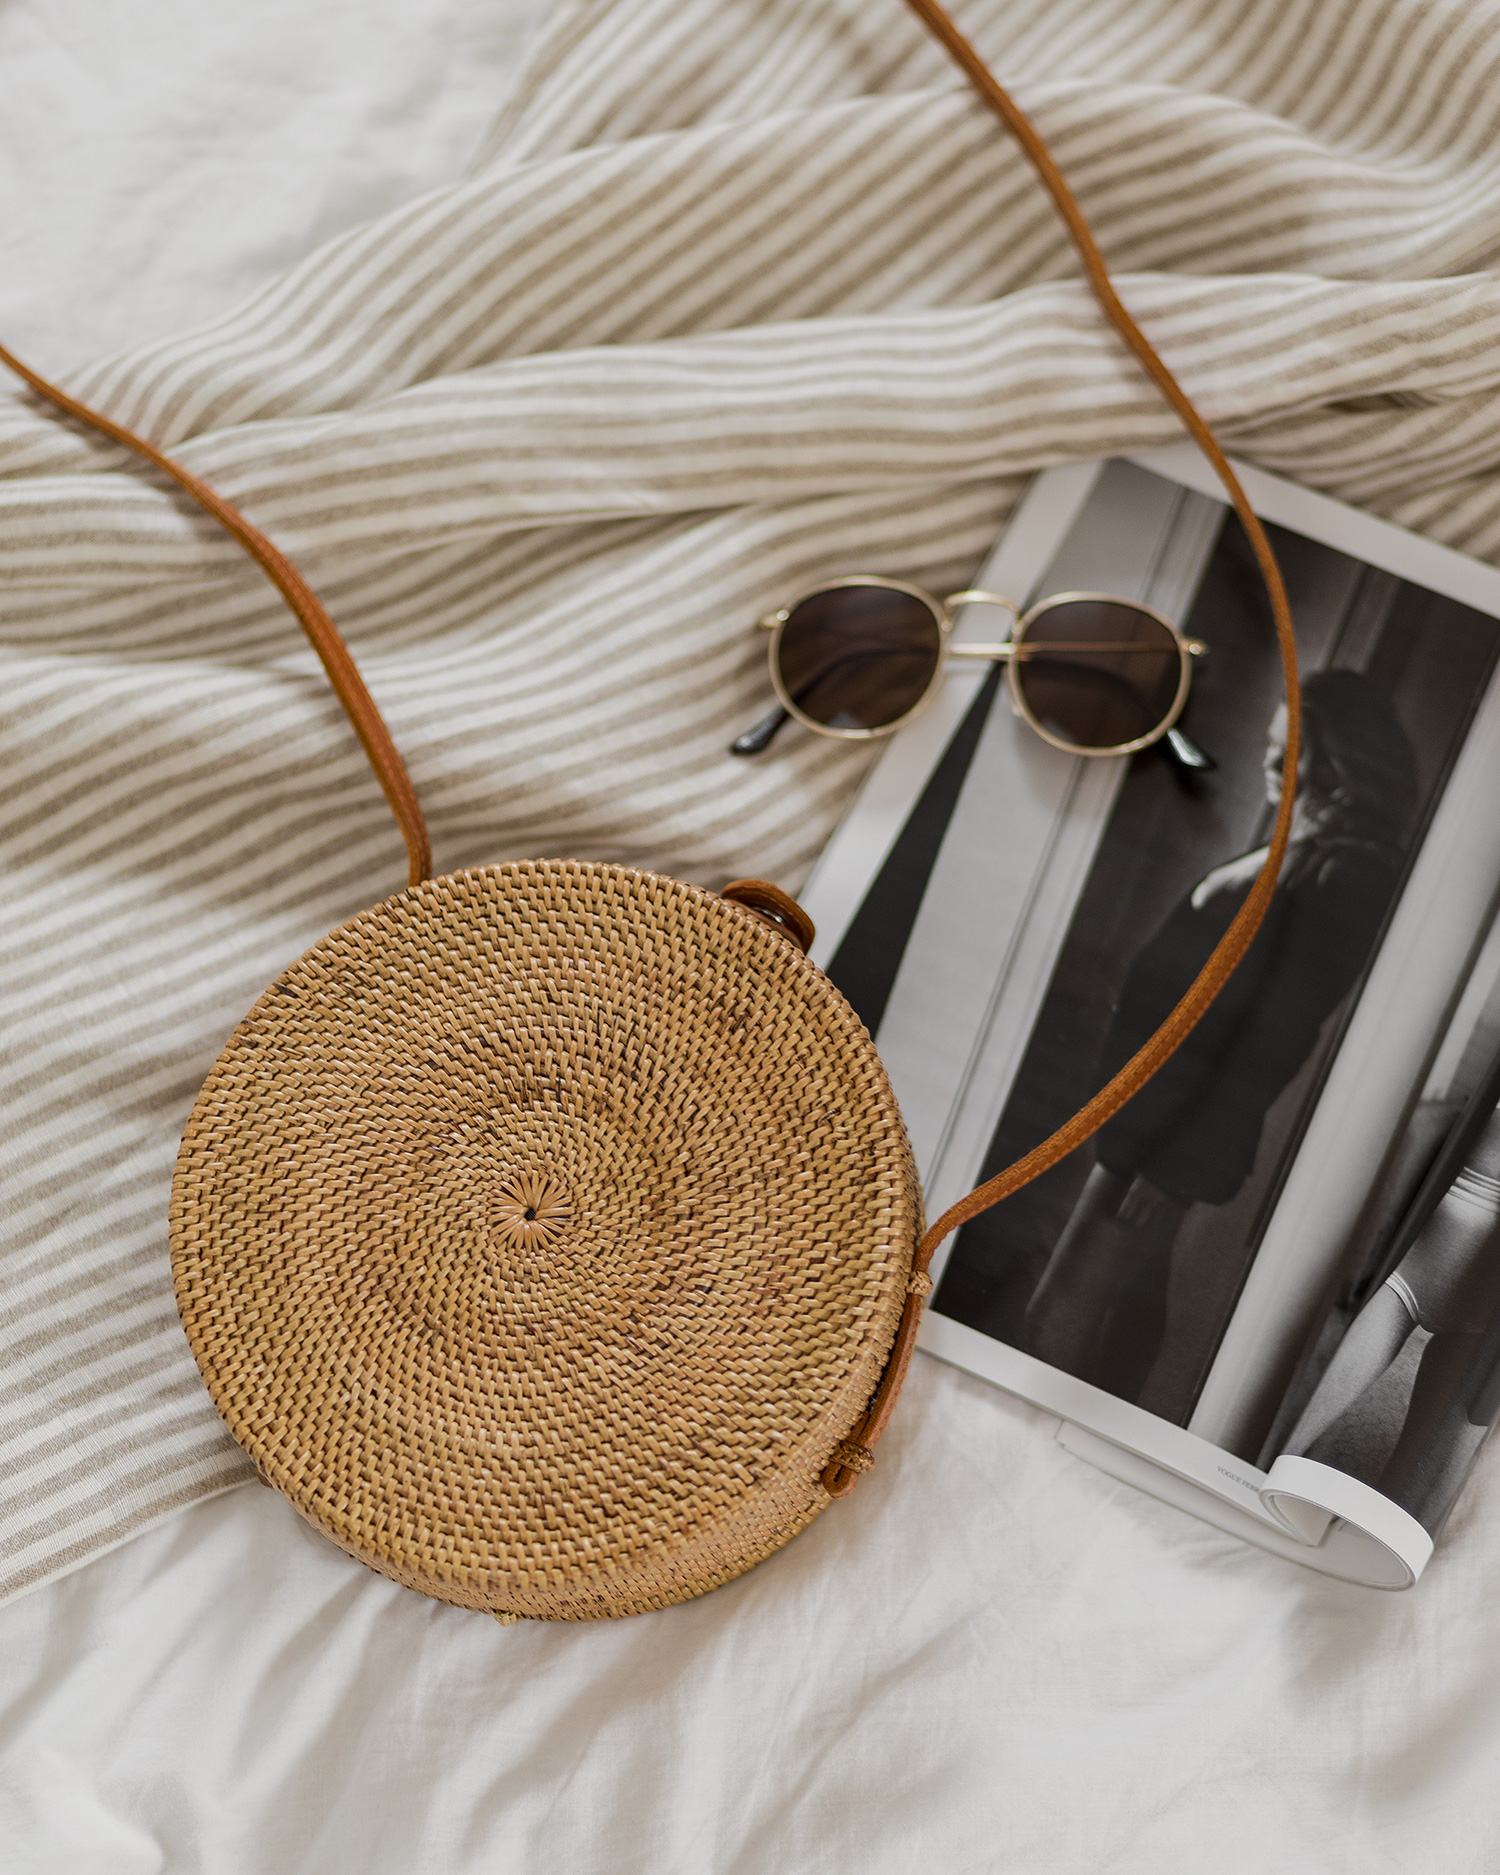 Juni Favoriten 2018, Monatsrückblick, Mode Neuheiten, runde Korbtasche von Hey Bali, bezauberndenana.de